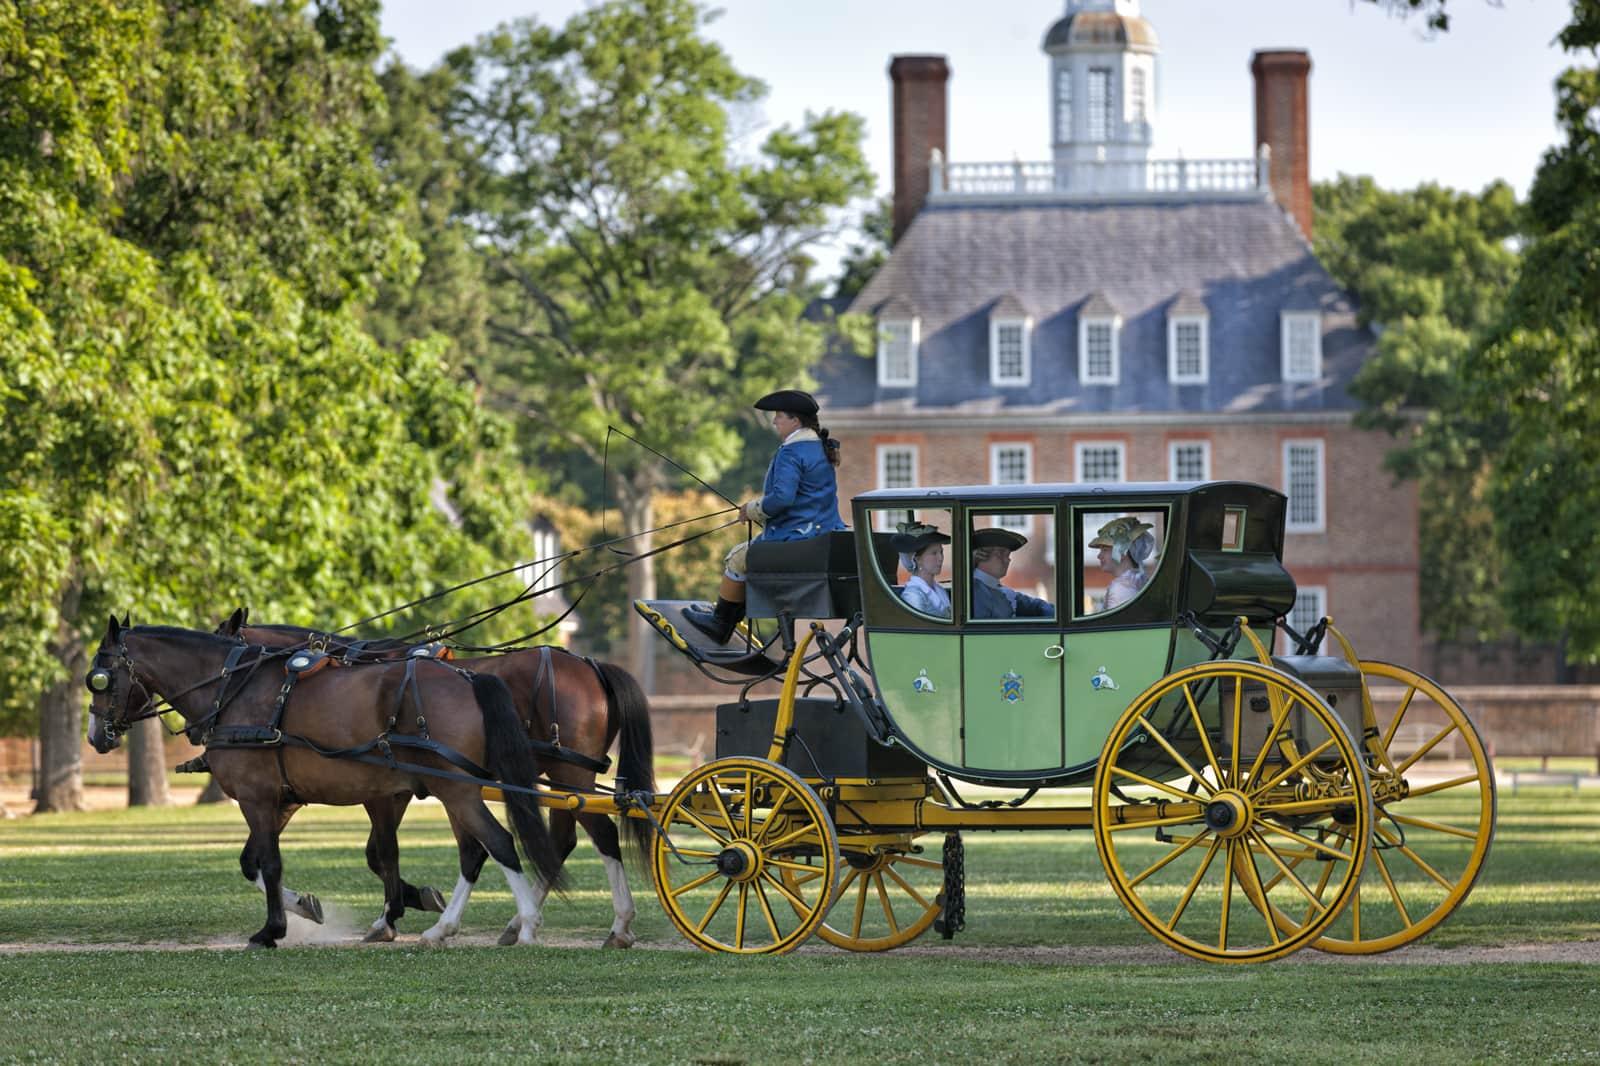 Spooky Carriage Rides (Carter Coach)